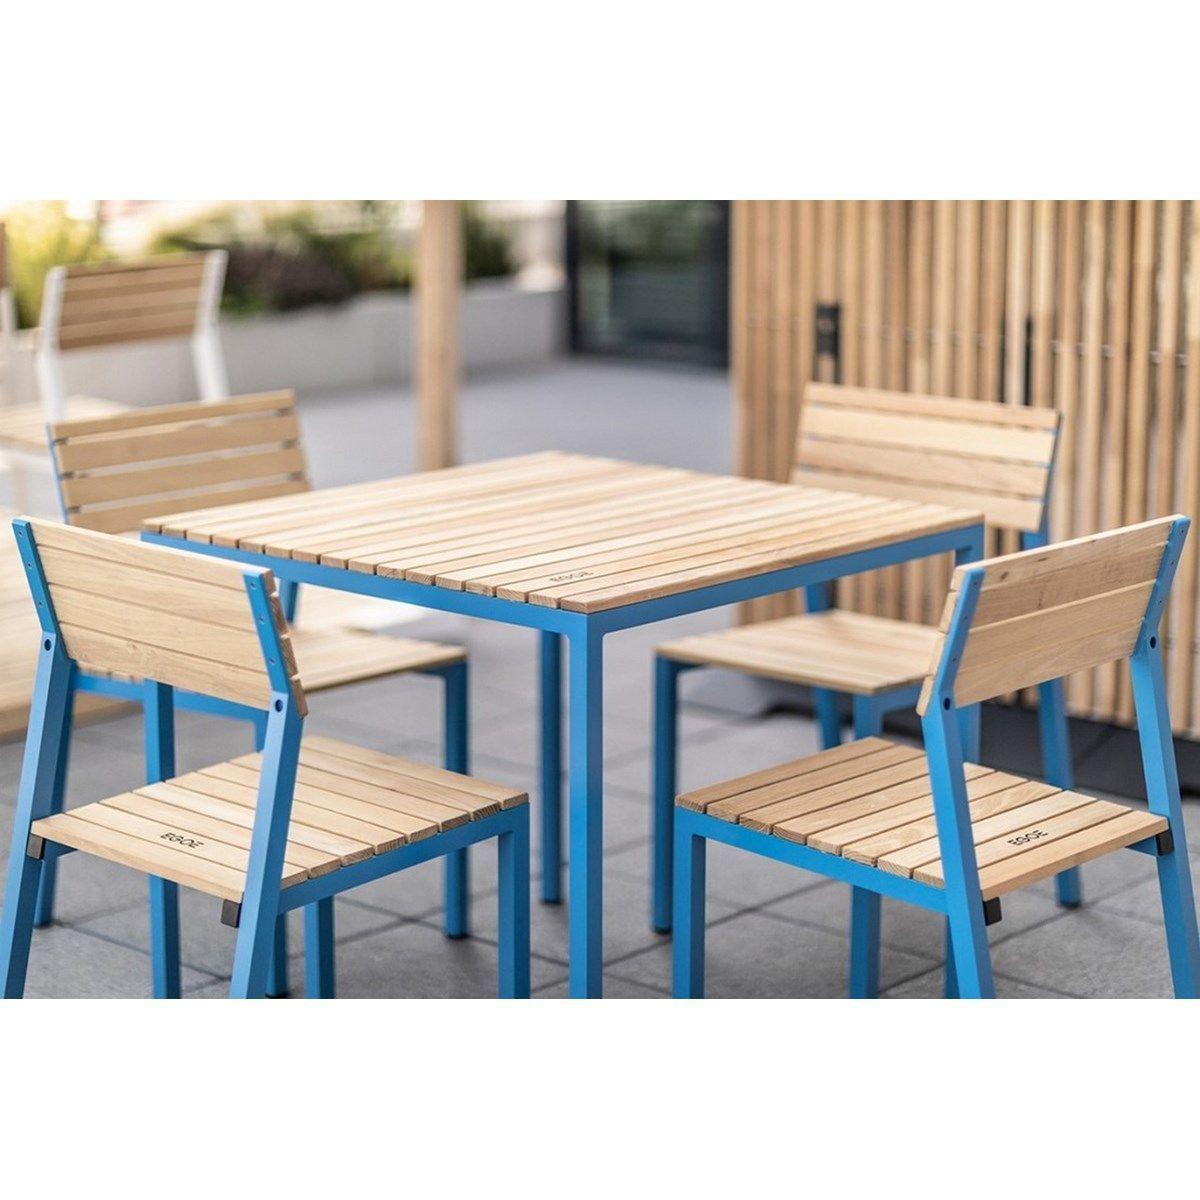 Salon De Jardin Cora Table Carrée Et 4 Chaises Alu Et Acacia ... encequiconcerne Cora Table De Jardin